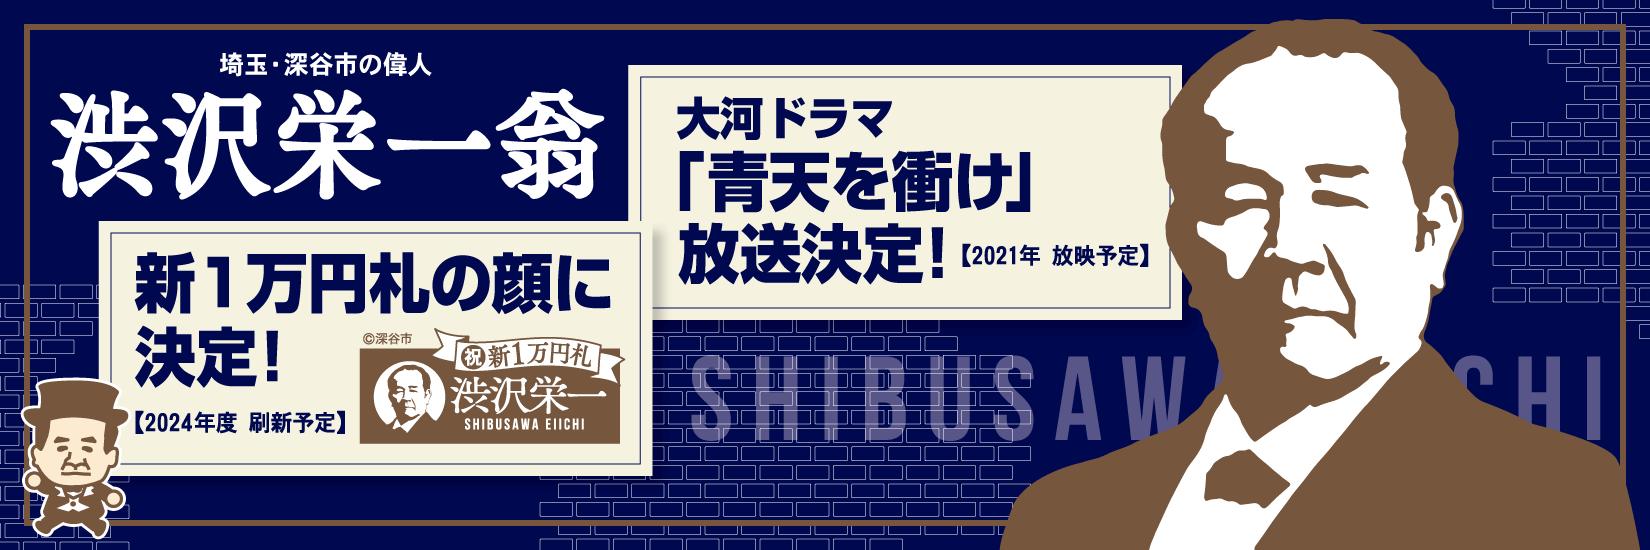 コロナ 埼玉 クラスター 県